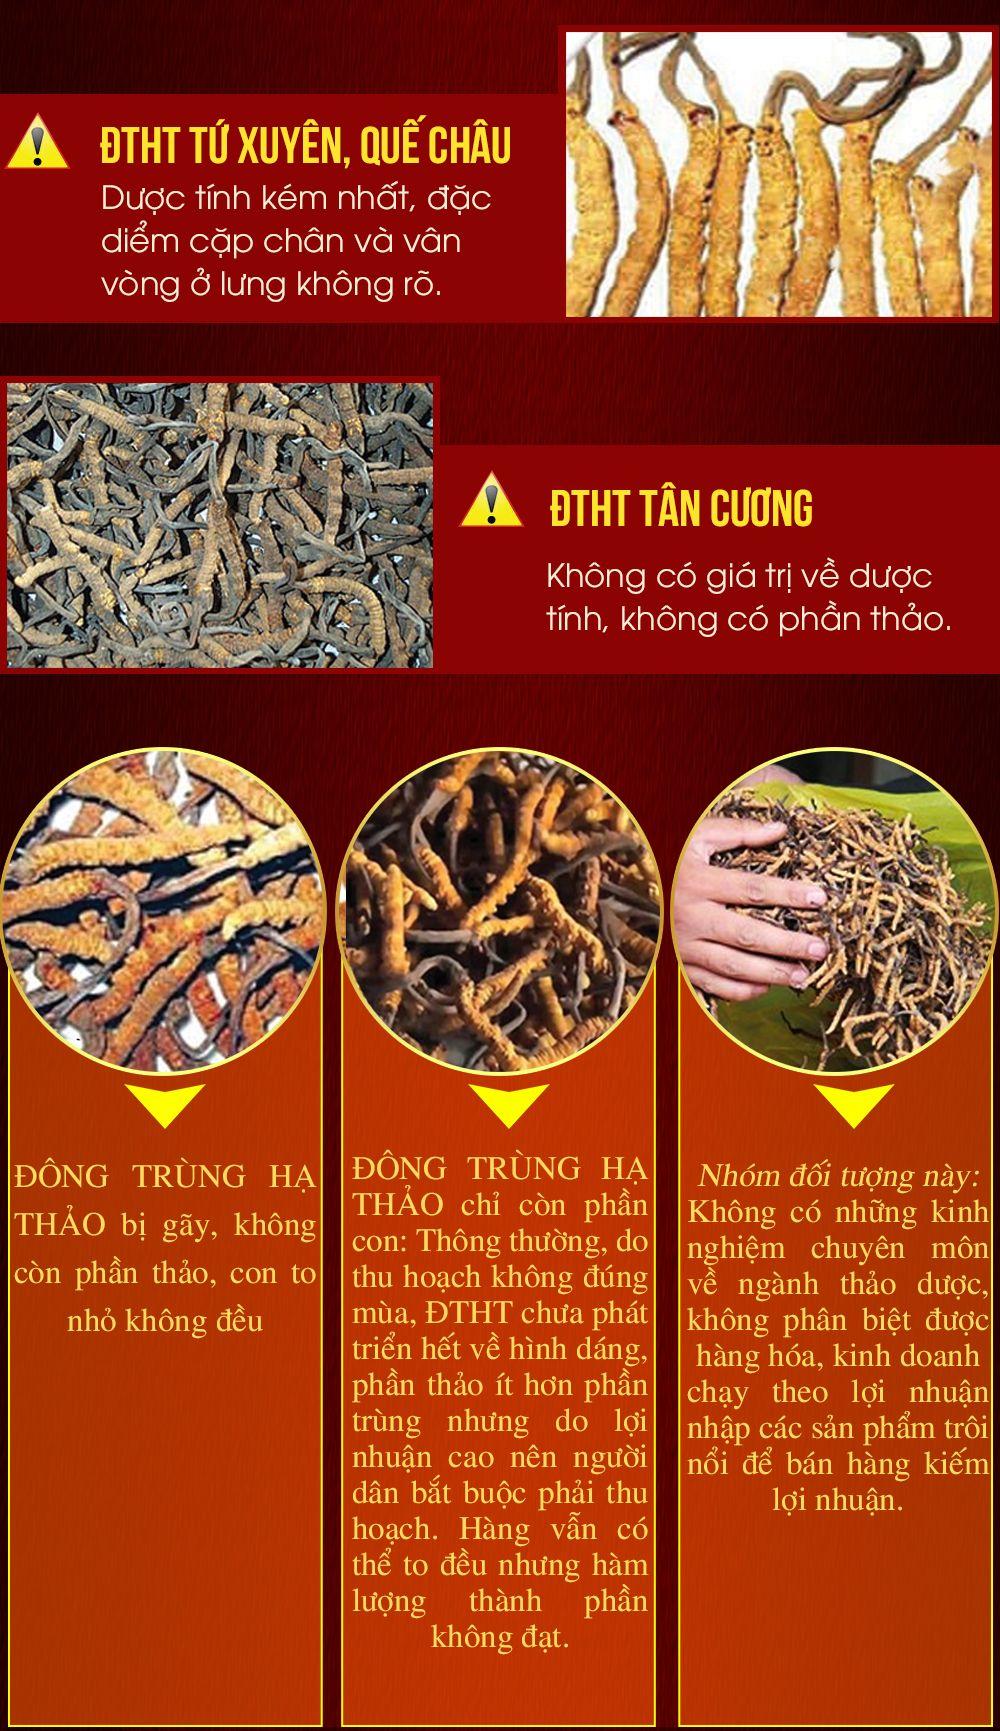 Đông trùng hạ thảo nguyên con cao cấp